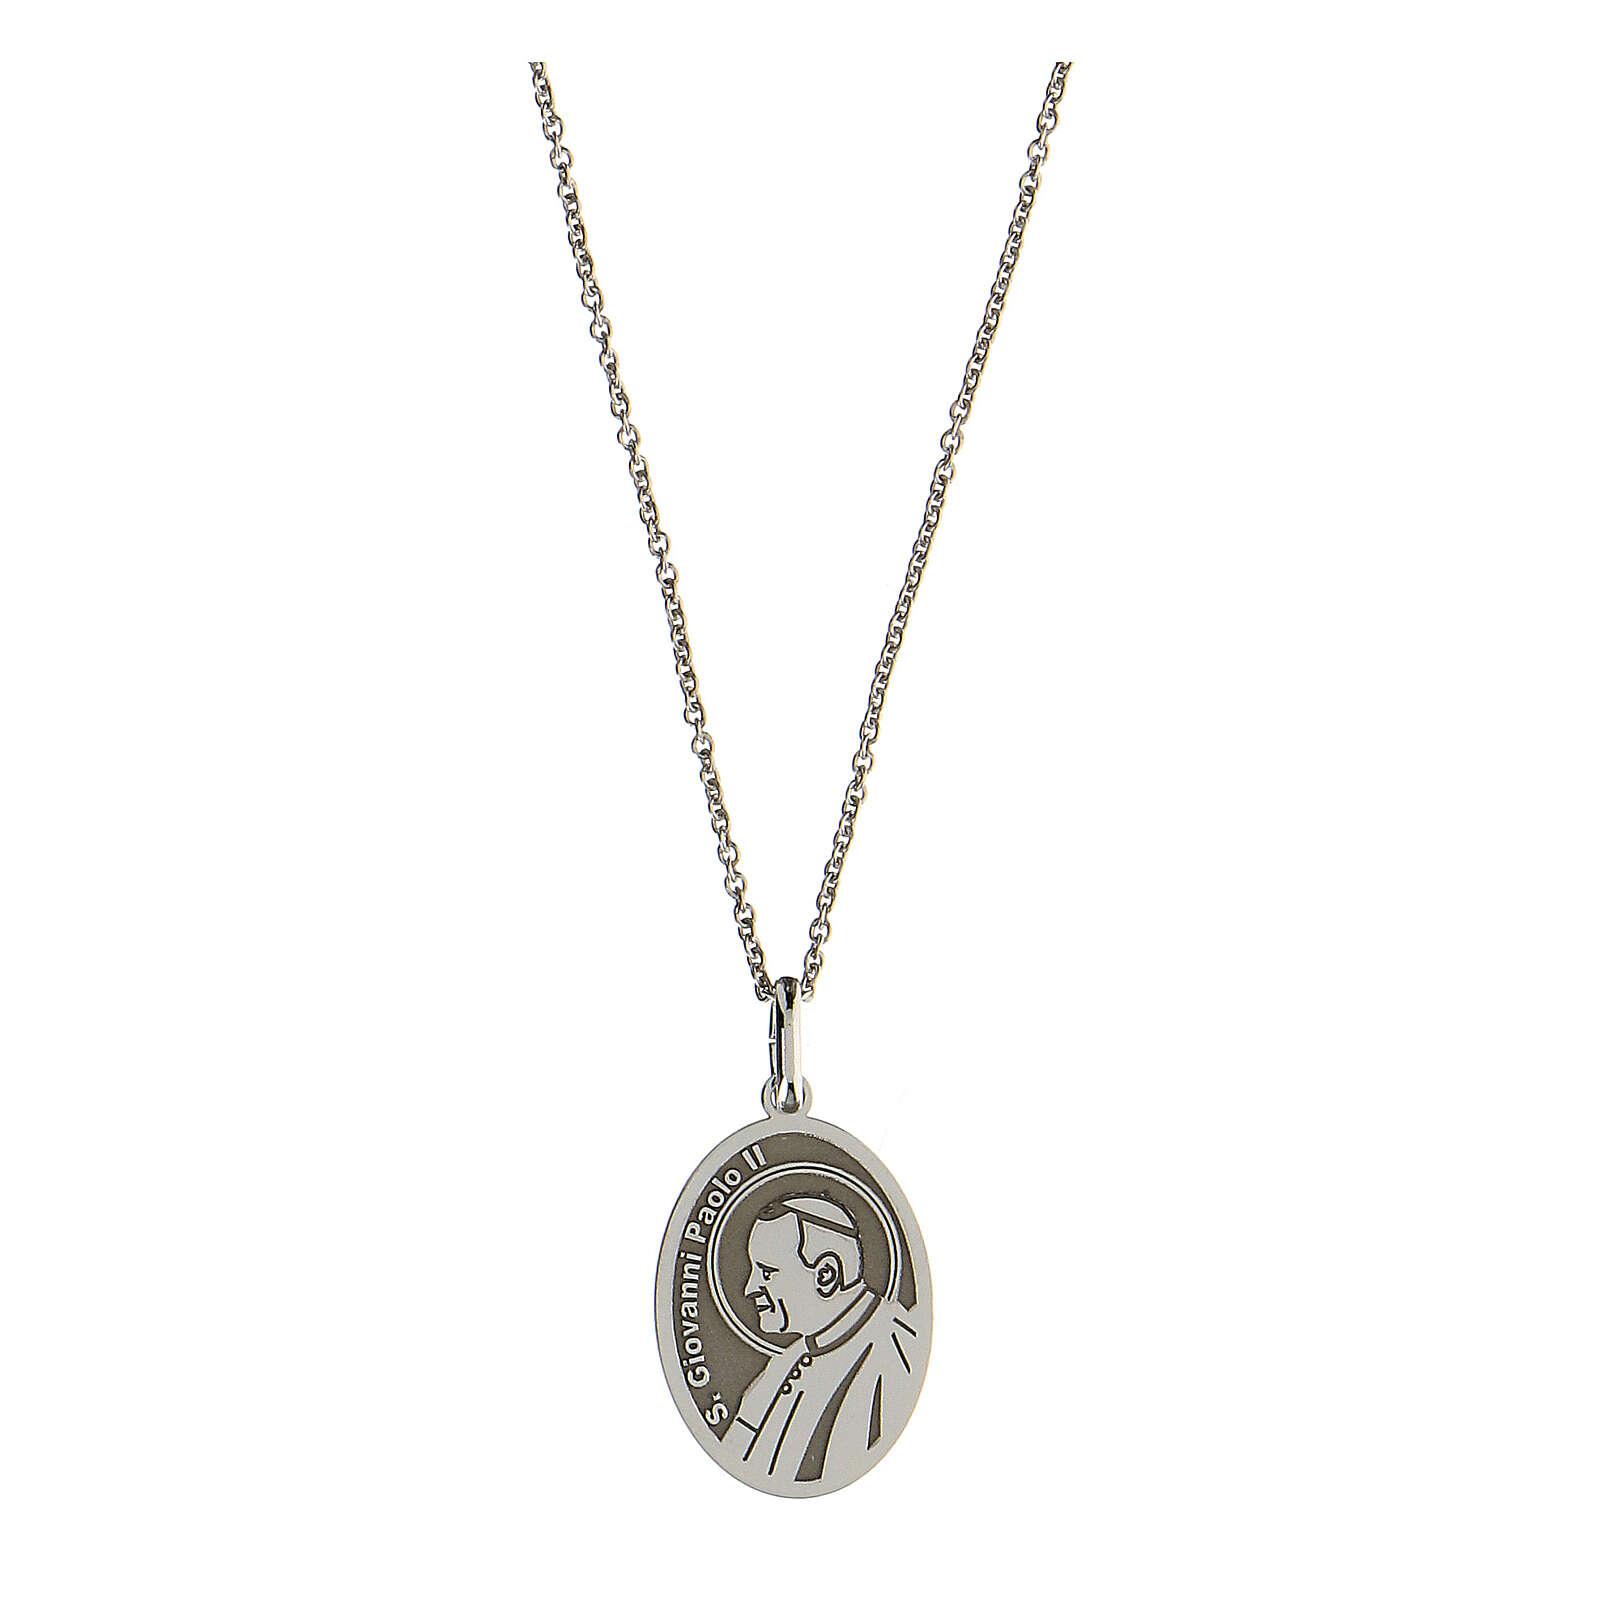 Collier Saint Jean-Paul II argent 925 rhodié 4